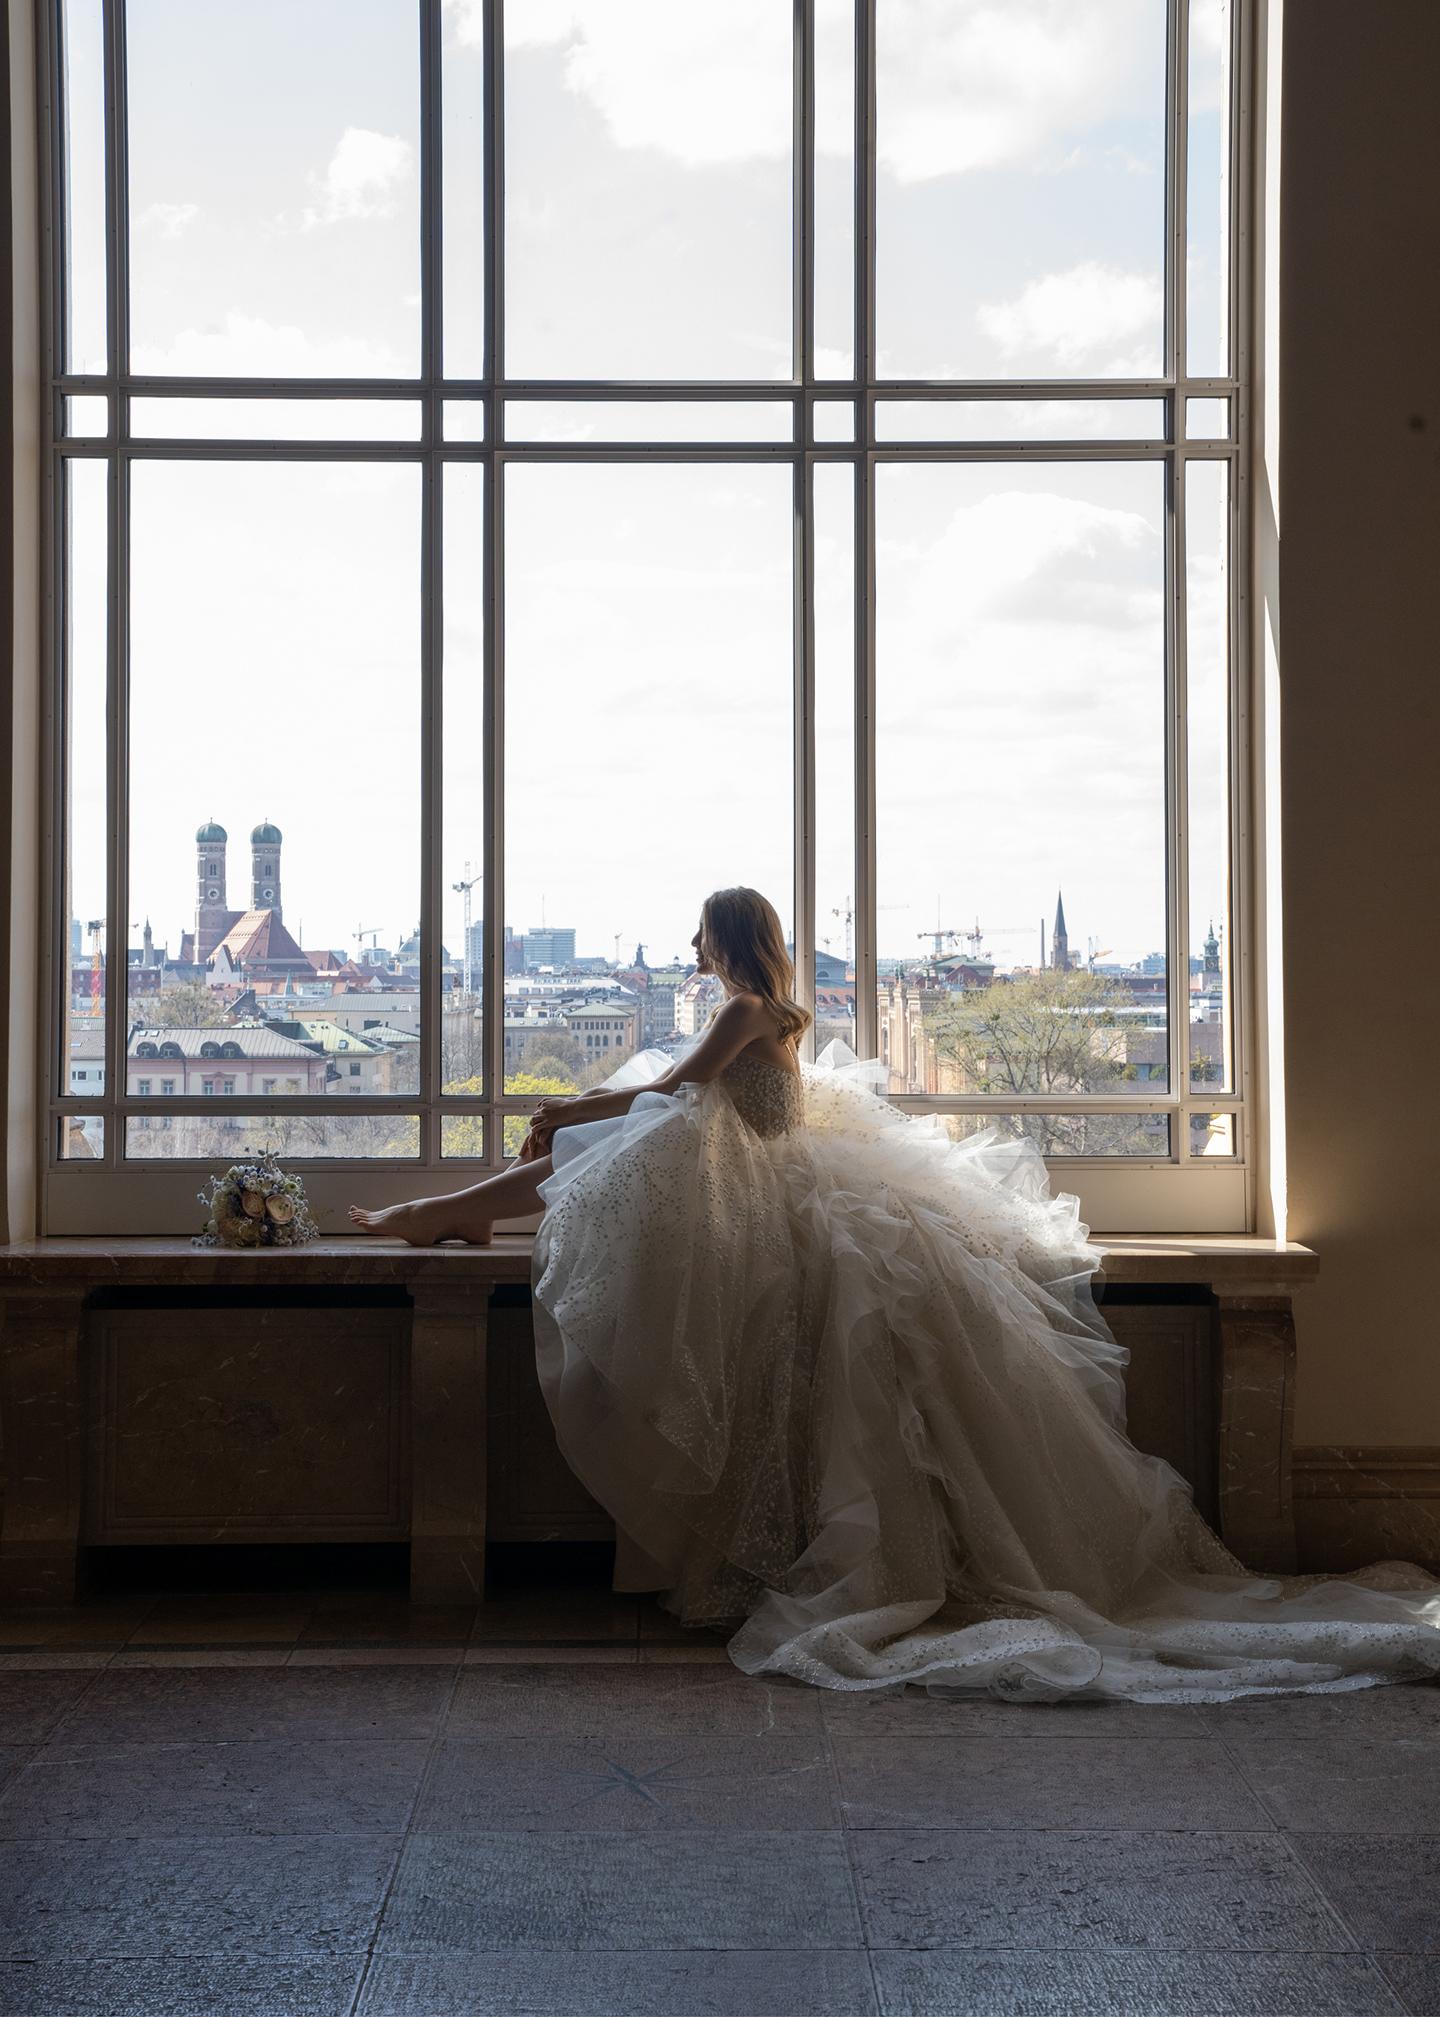 Die Braut sitzt in ihrem pompösen Prinzessinnenkleid passend zum Stil der traditionellen Hochzeitvor einem großen Fenster in der Location und posiert für Fotos.